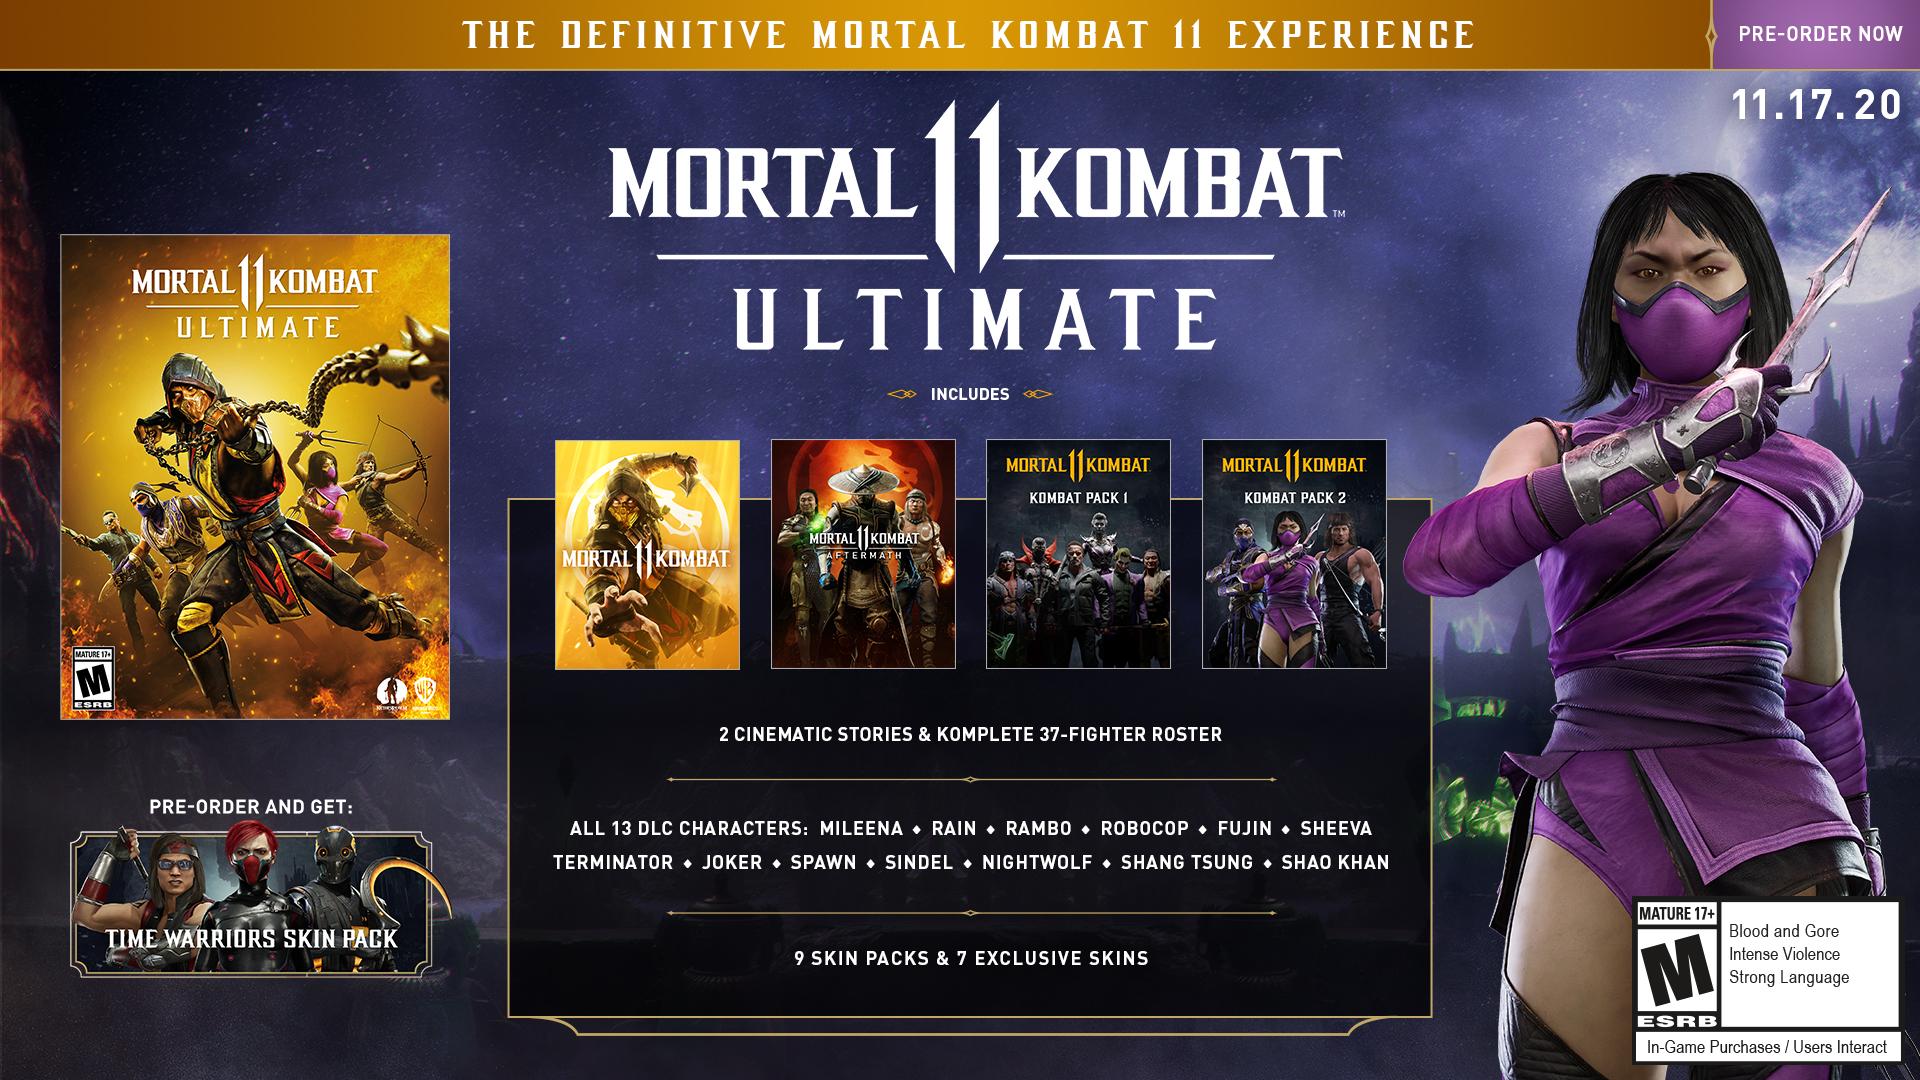 Mortal Kombat 11 Ultimate Promo